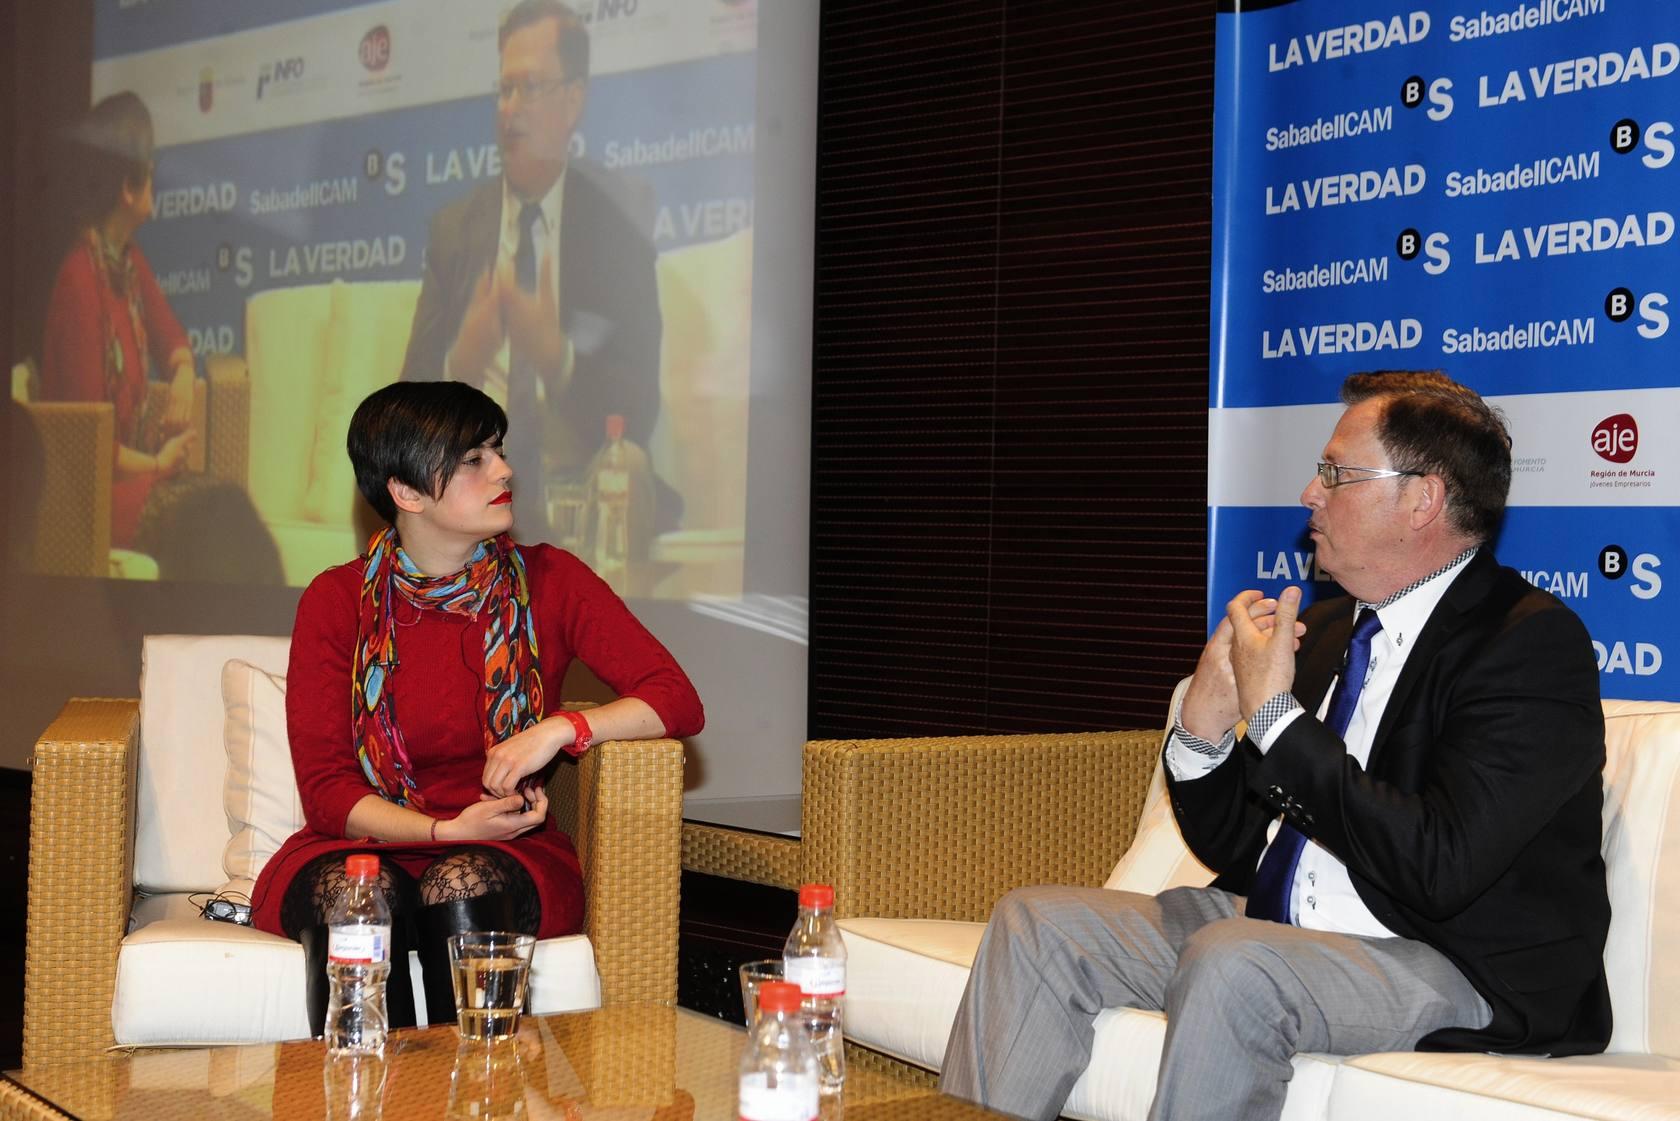 EncuentrosLV celebra su segunda edición